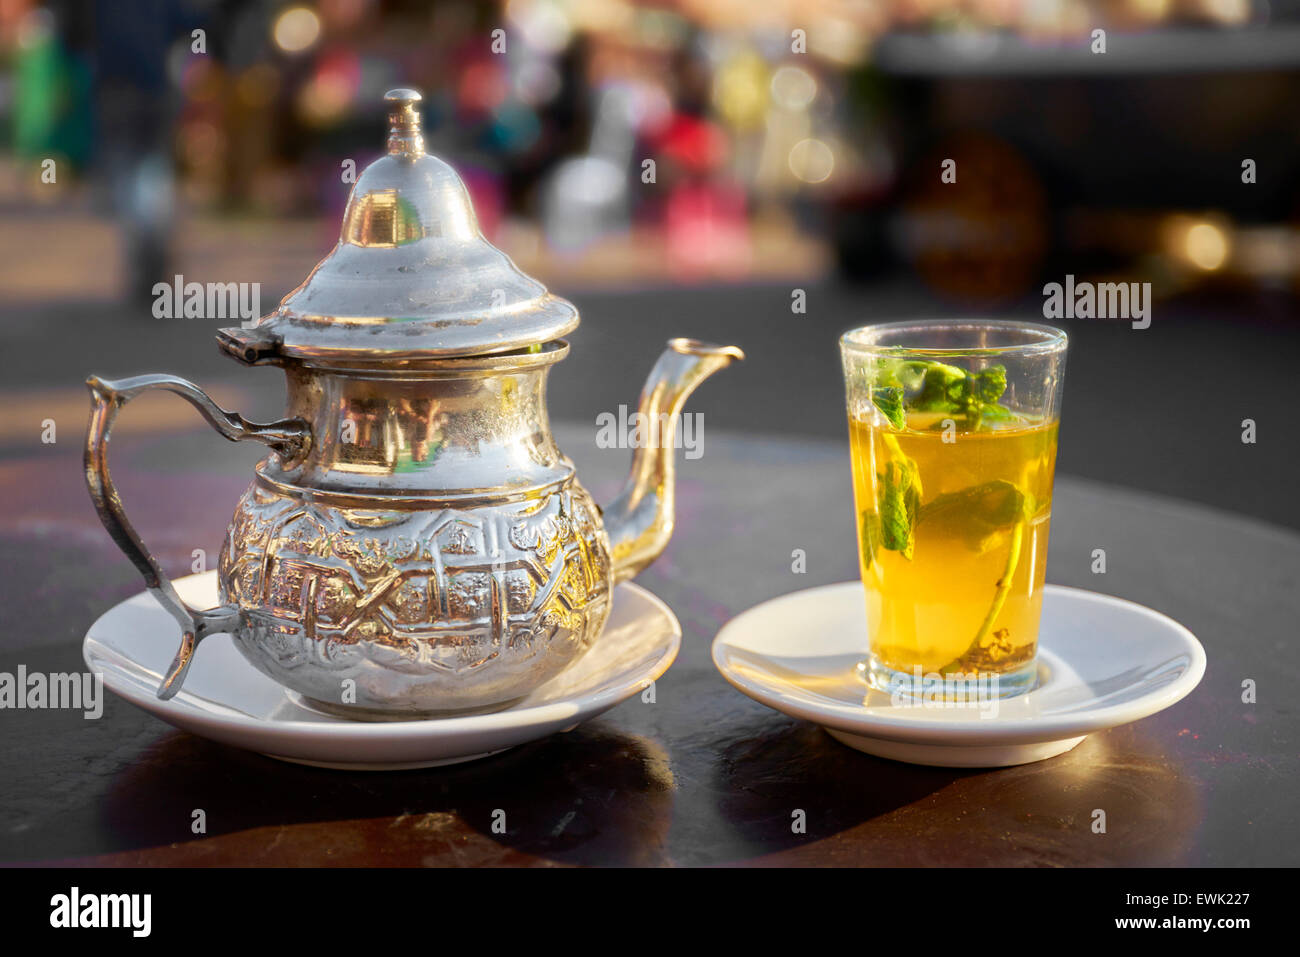 Tè marocchino servita in Djemaa el Fna, Marrakech, Marocco, Africa Immagini Stock